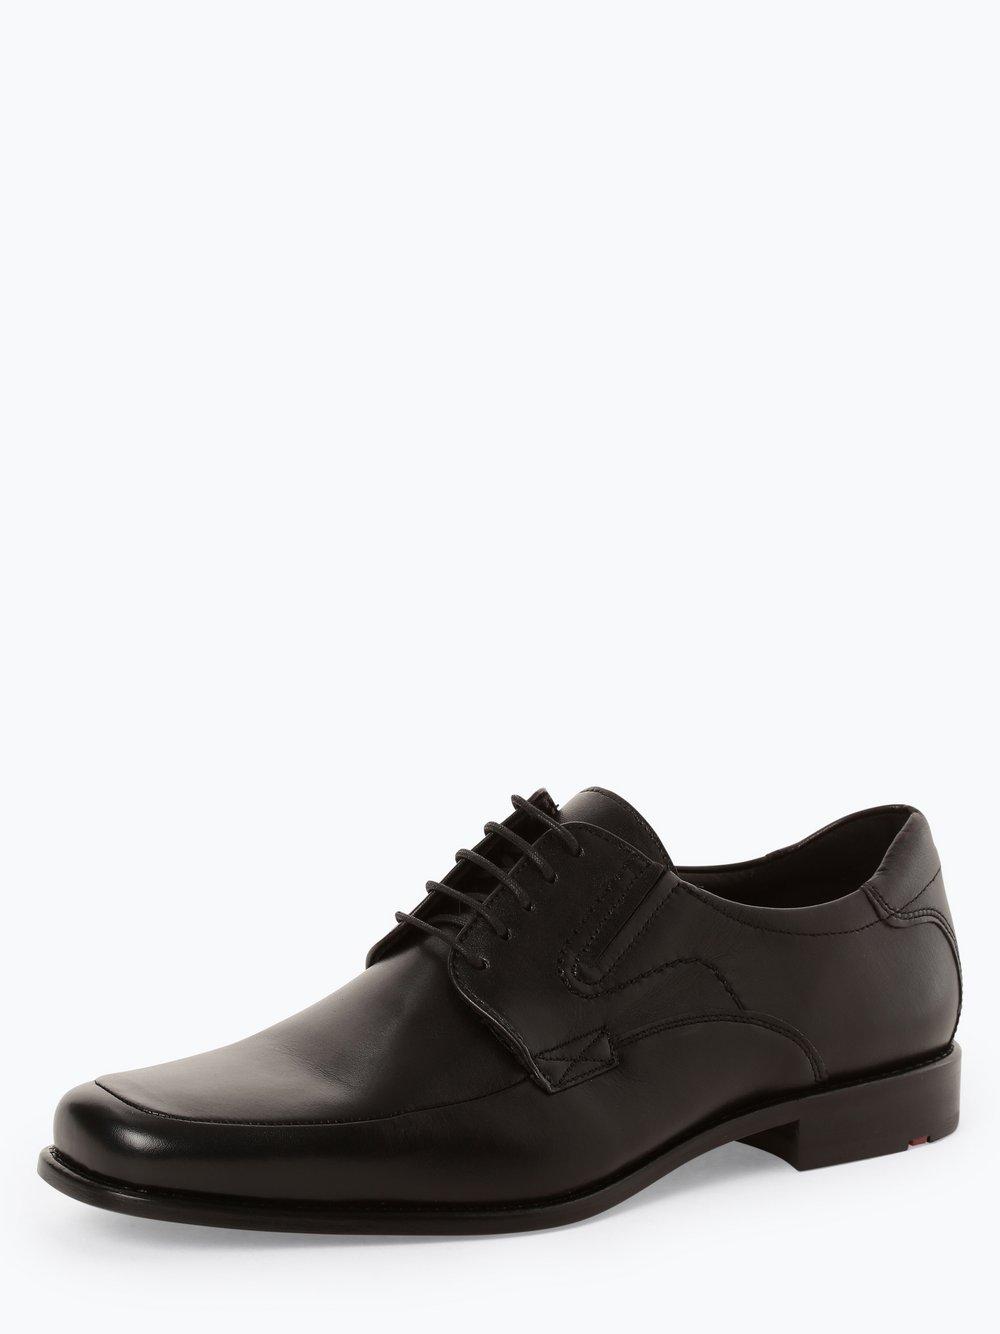 Lloyd - Męskie buty sznurowane ze skóry – Kelton, czarny